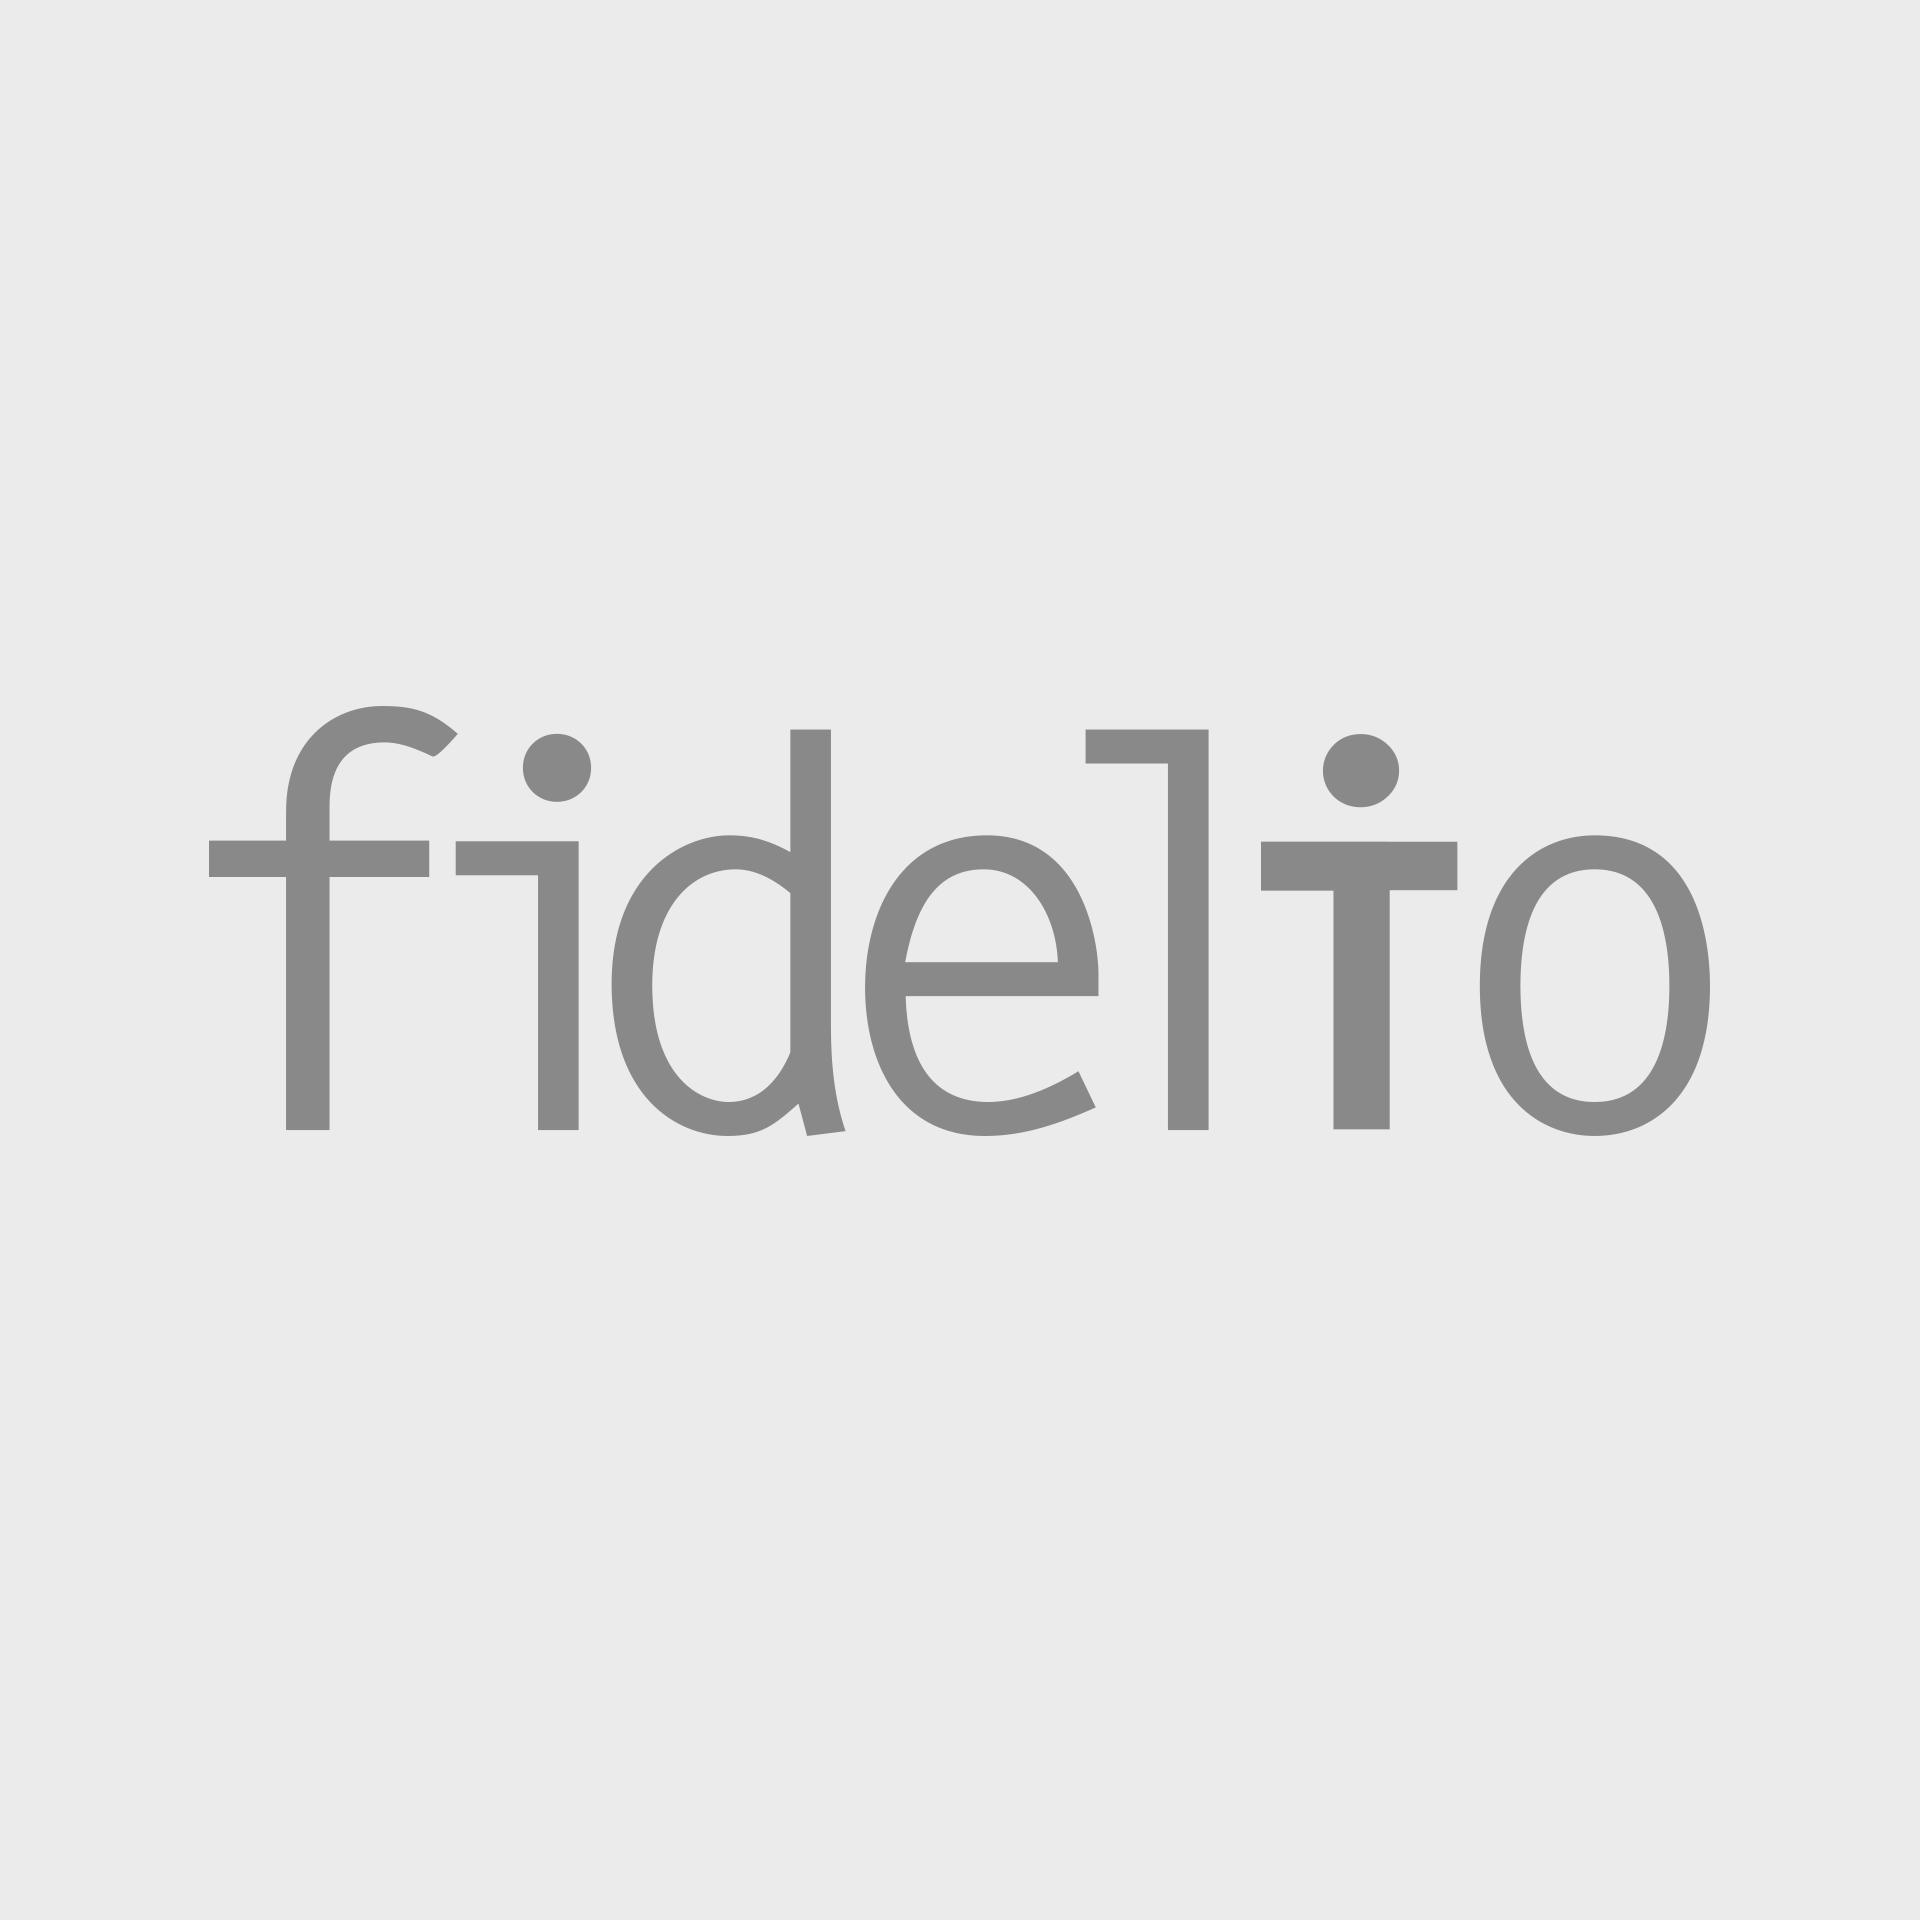 9) Boncsér Gergely (Biondello), Kriszta Kinga (Celidora) - Mozart: A kairói lúd avagy a rászedett vőlegény – Eiffel Műhelyház